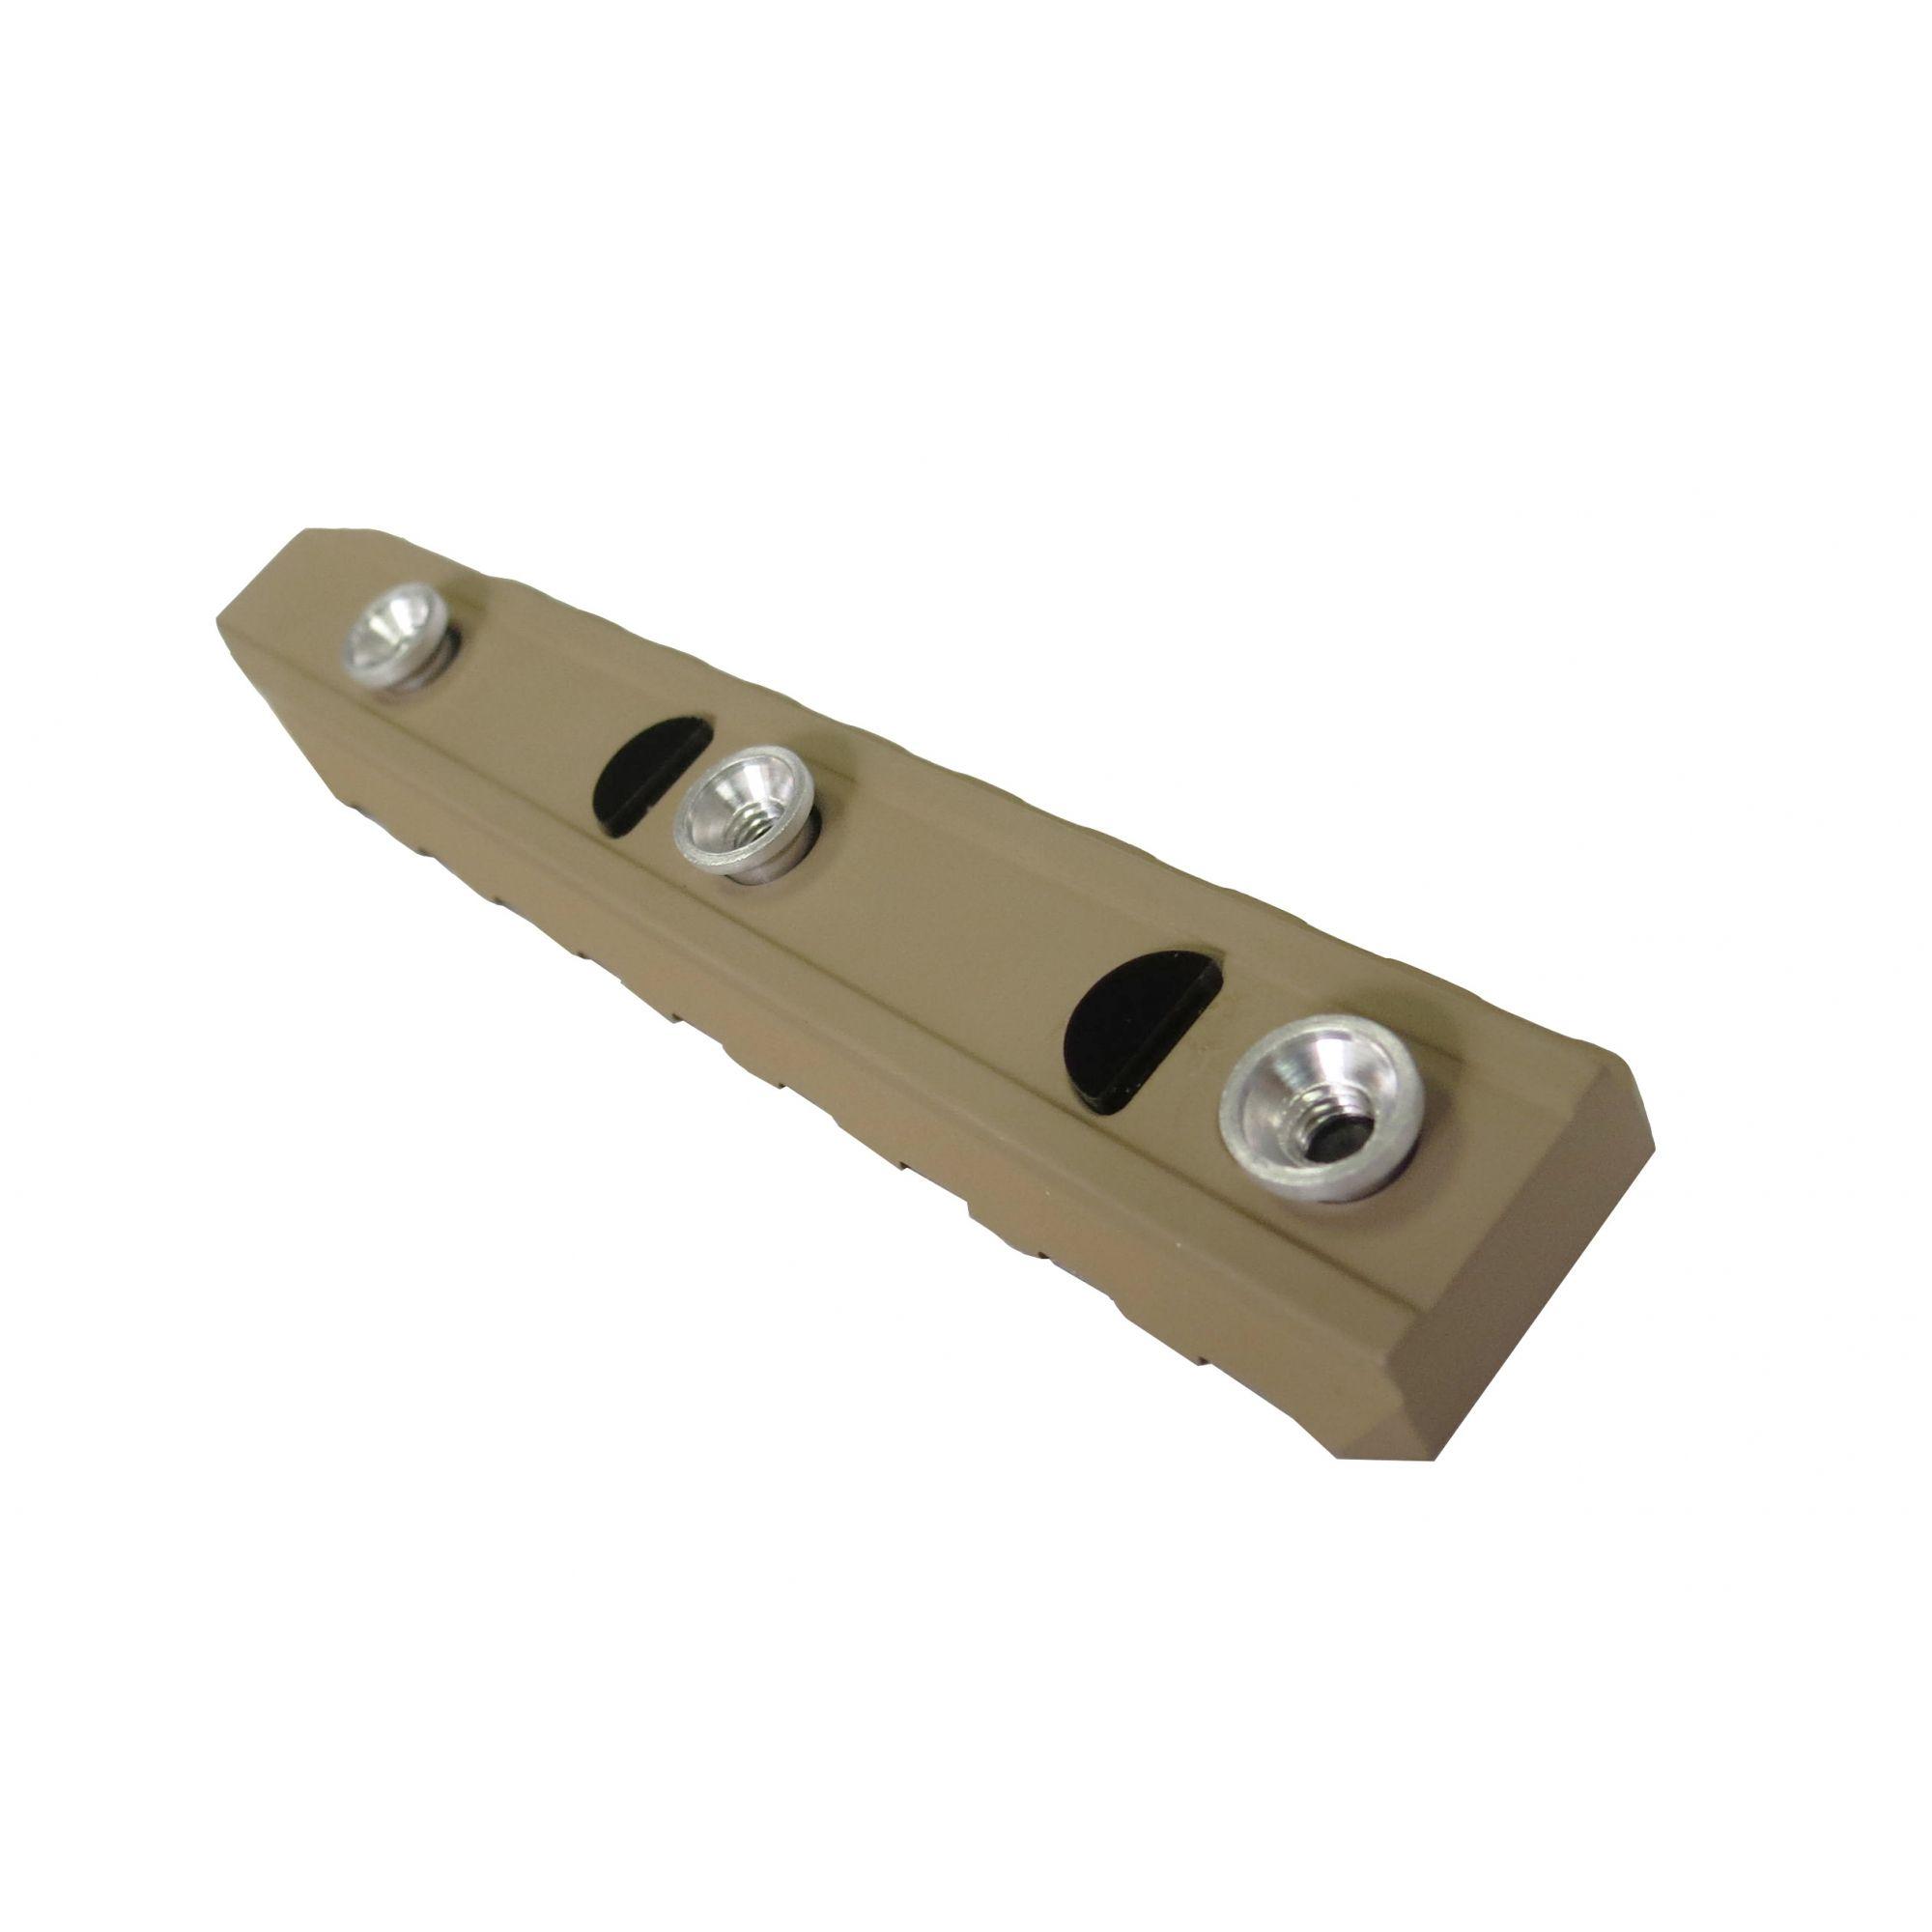 Trilho KeyMod em Alumínio (LONGO)  - Cor: TAN  - MAB AIRSOFT